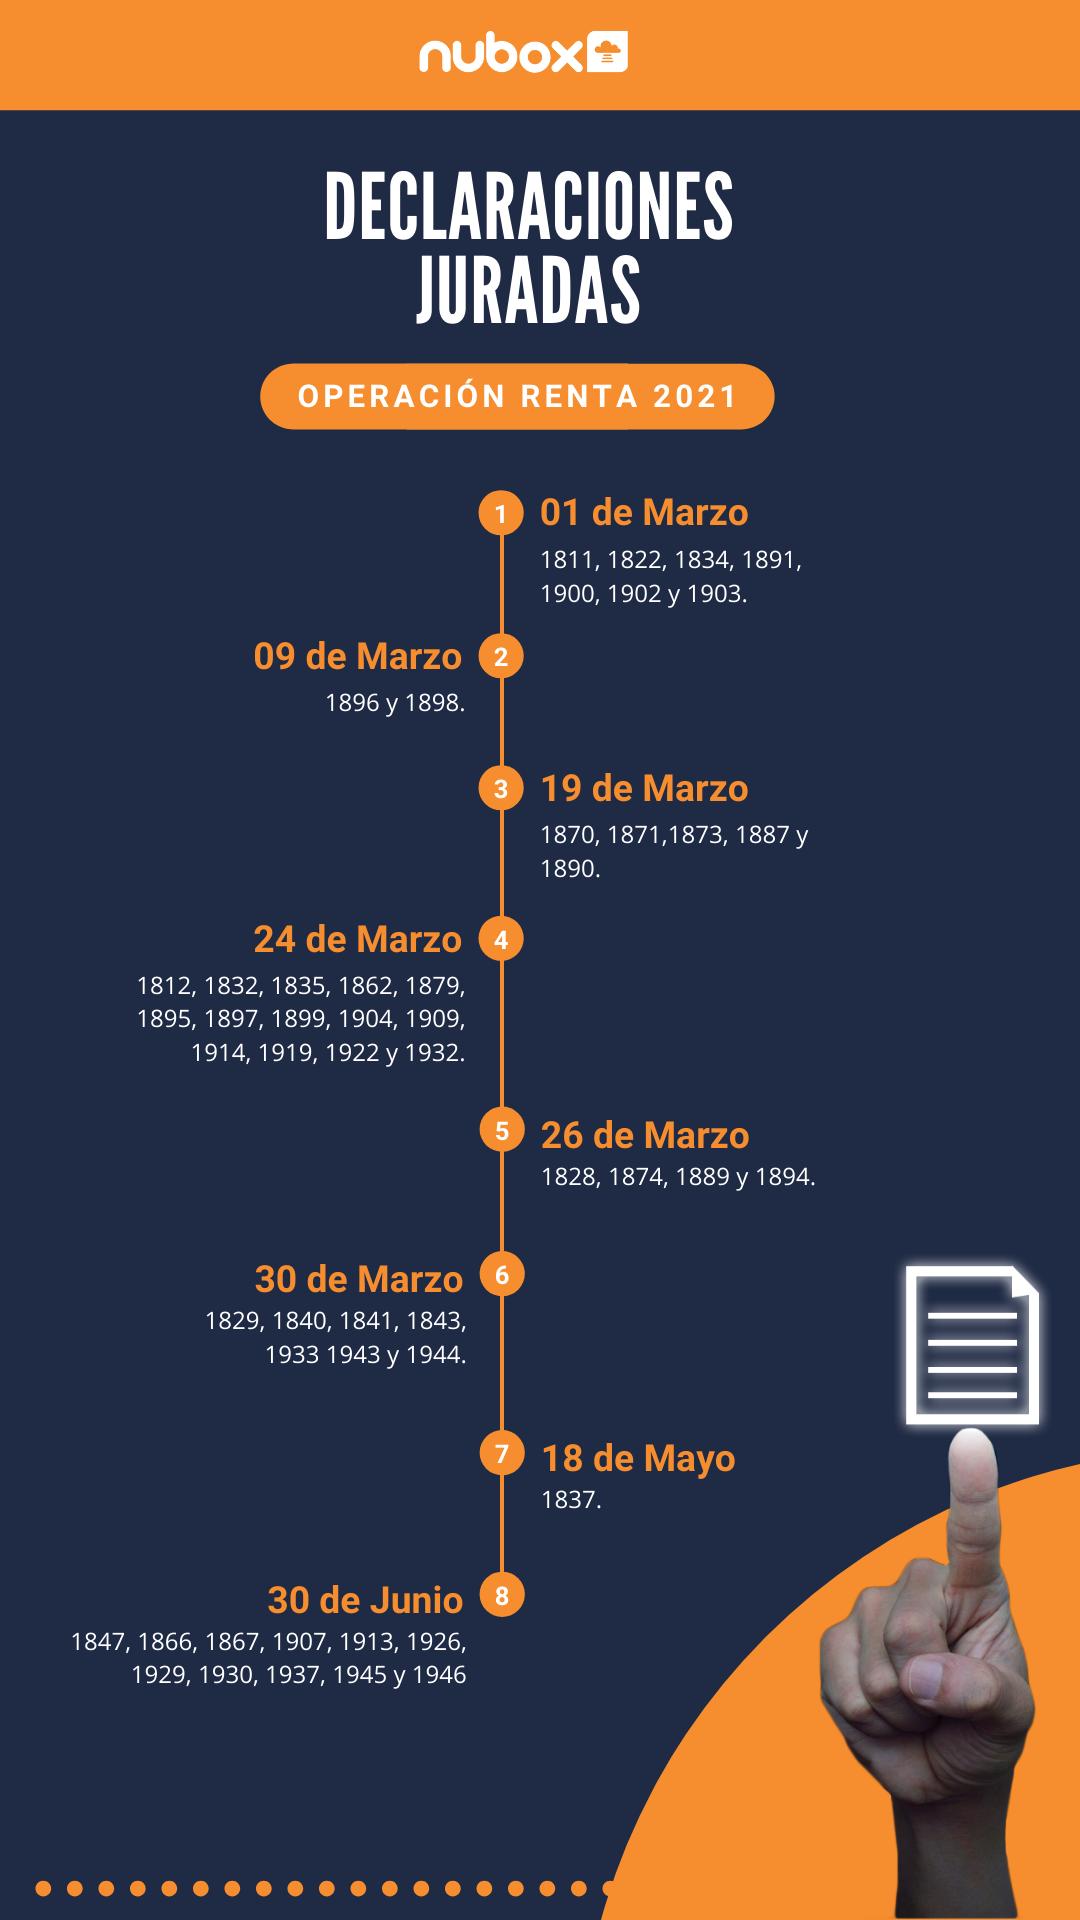 Calendario Declaraciones Juradas 2021